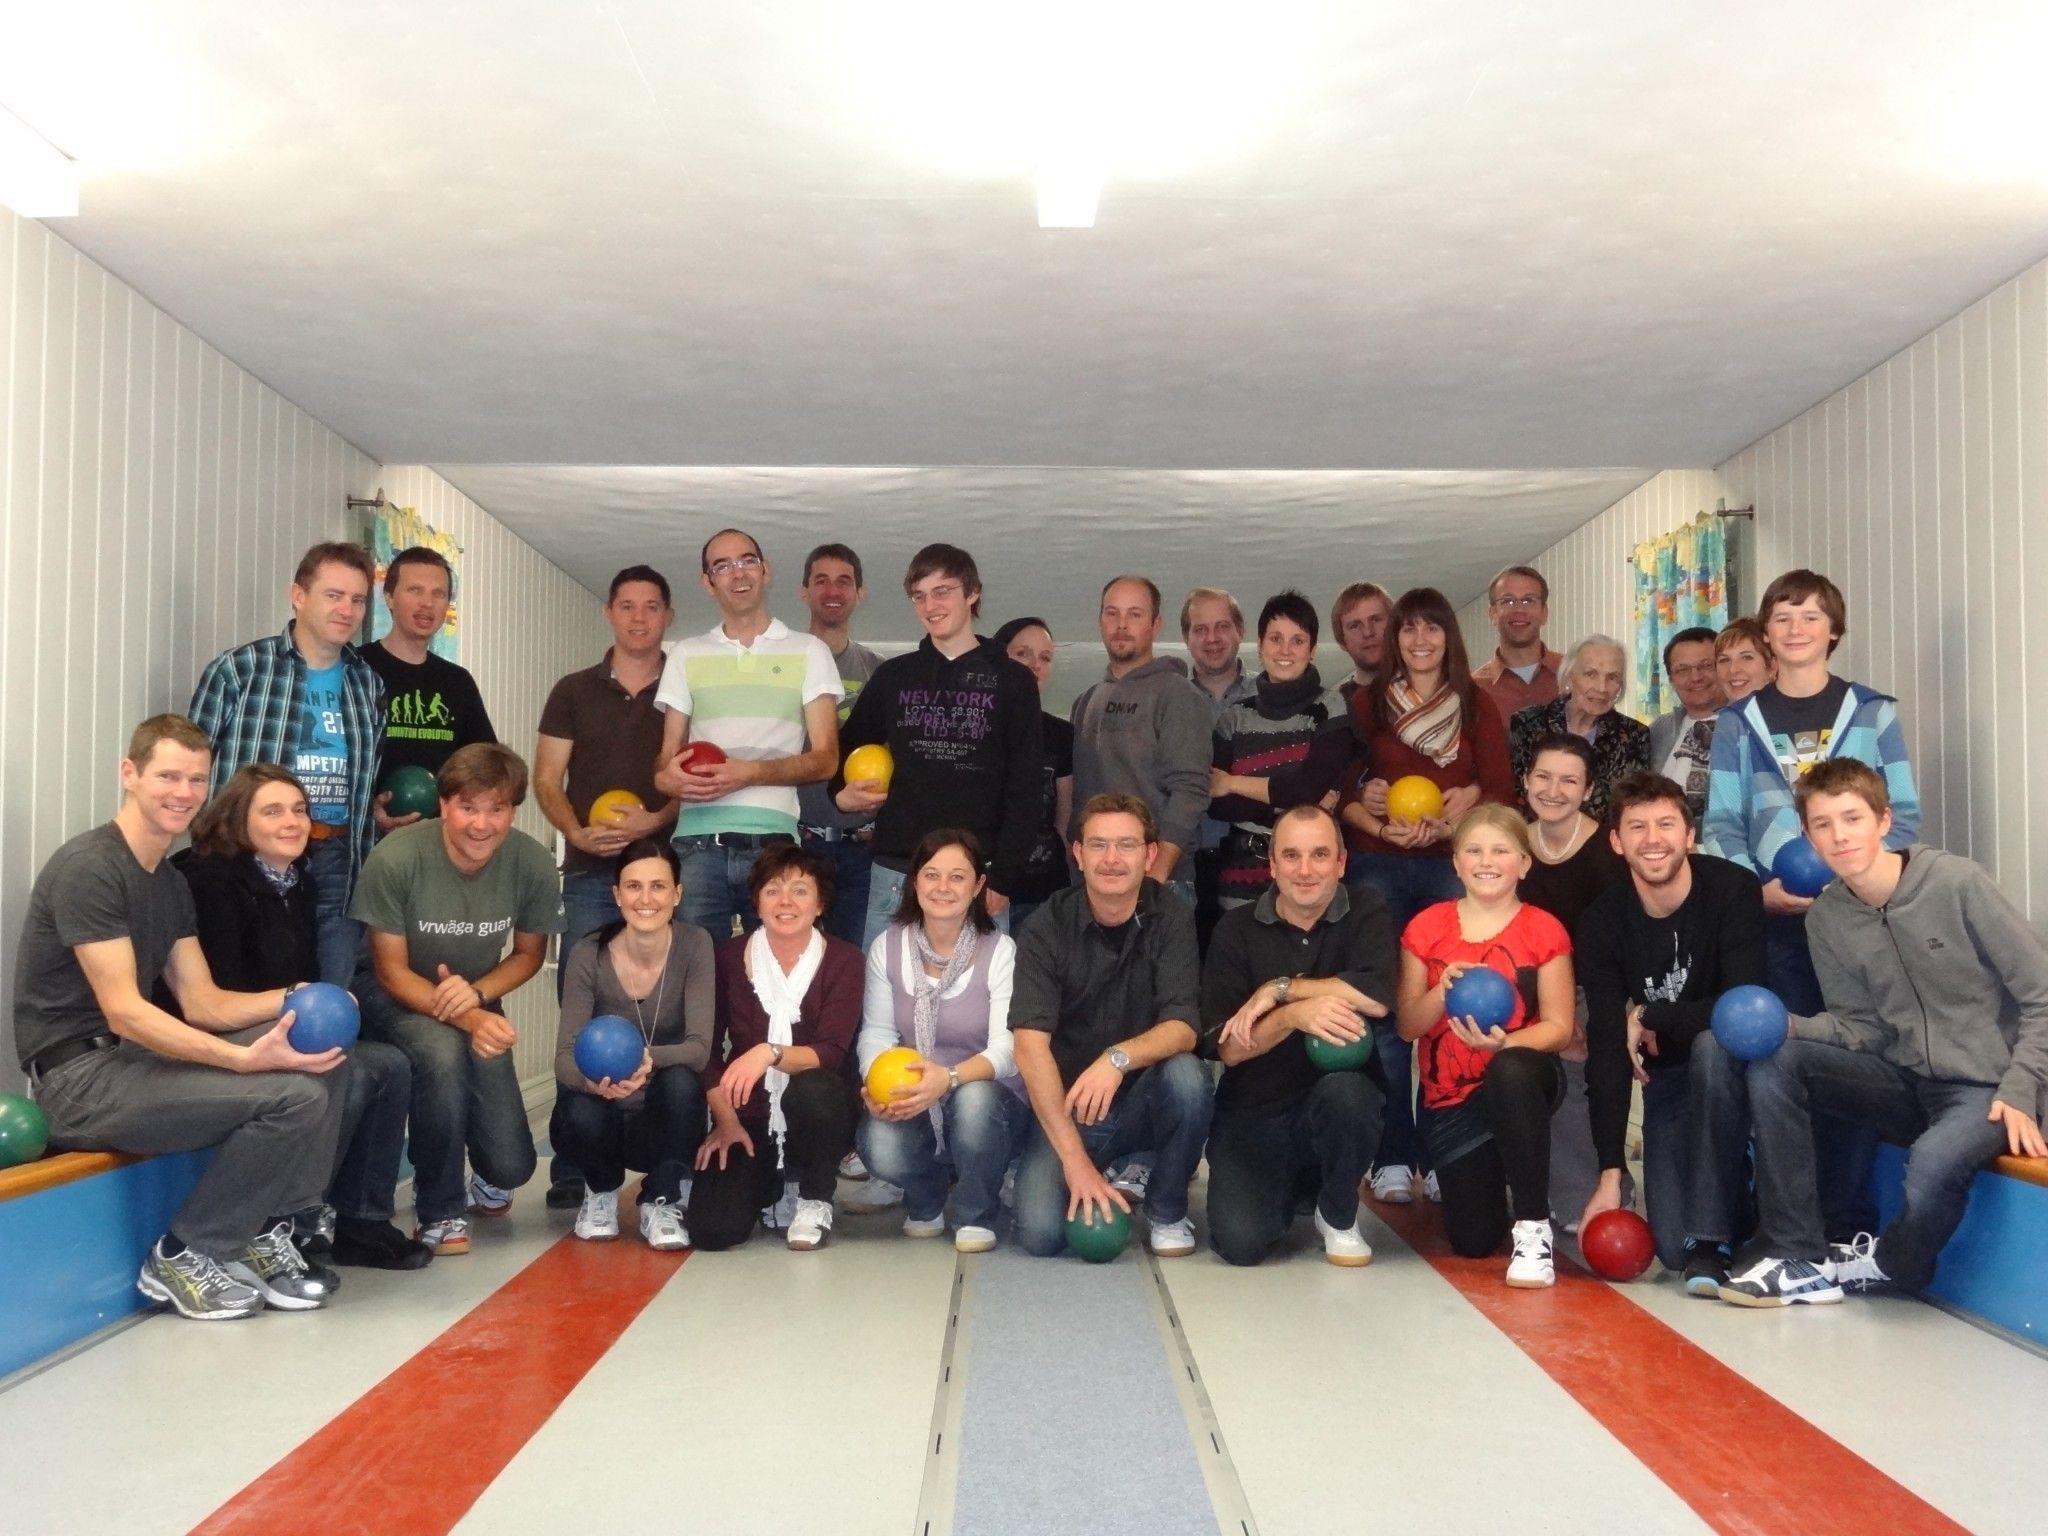 Teilnehmer des Kegelabends vom letzten Jahr